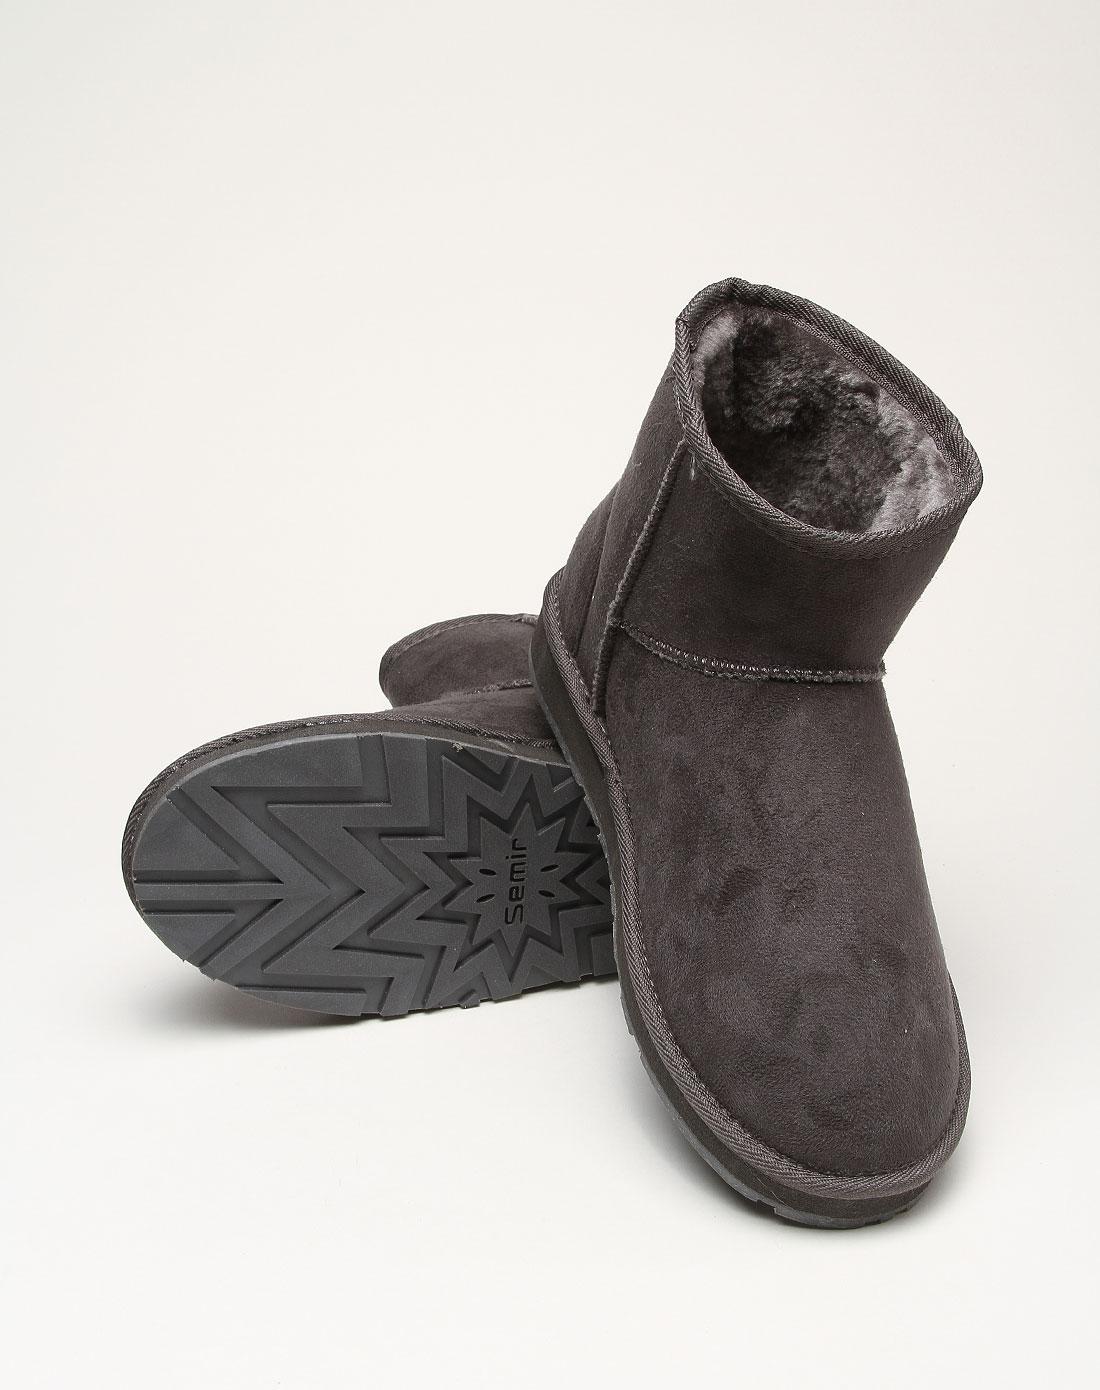 雪地靴哪个牌子最好_时尚深灰色简约雪地靴